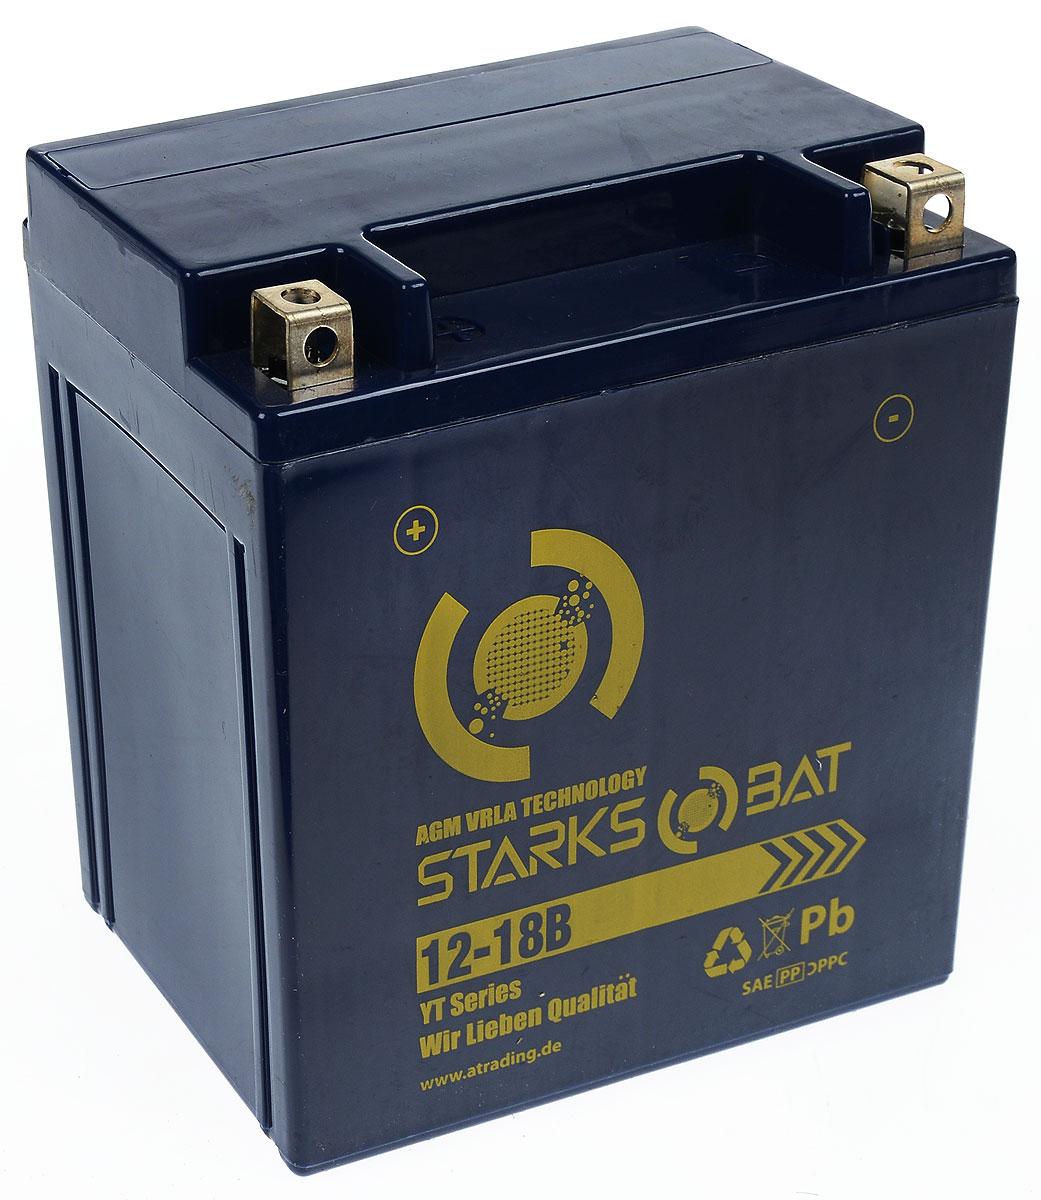 Батарея аккумуляторная для мотоциклов Starksbat. YT12-18В (YTX20CH-BS)YT 12-18ВАккумулятор Starksbat изготовлен по технологии AGM, обеспечивающей повышенный уровень безопасности батареи и удобство ее эксплуатации. Корпус выполнен из особо ударопрочного и морозостойкого полипропилена. Аккумулятор блестяще доказал свои высокие эксплуатационные свойства в самых экстремальных условиях бездорожья, высоких и низких температур. Аккумуляторная батарея Starksbat производится под знаменитым немецким контролем качества, что обеспечивает ему высокие пусковые характеристики и восстановление емкости даже после глубокого разряда. Напряжение: 12 В. Емкость: 18 Ач. Полярность: прямая (+ -). Ток холодной прокрутки: 290 Аh (EN).